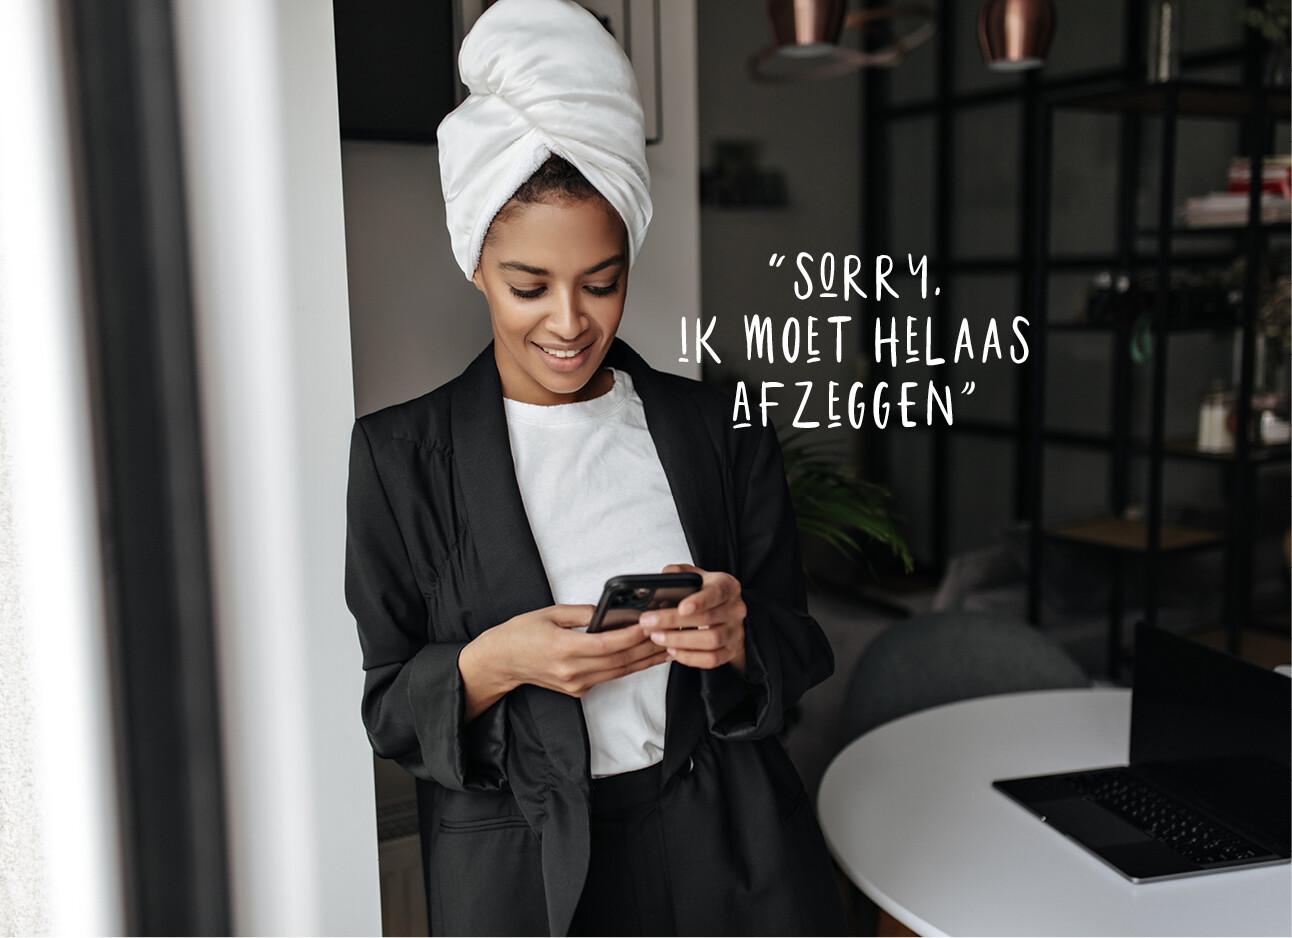 vrouw achter haar telefoon met handdoek op haar hoofd